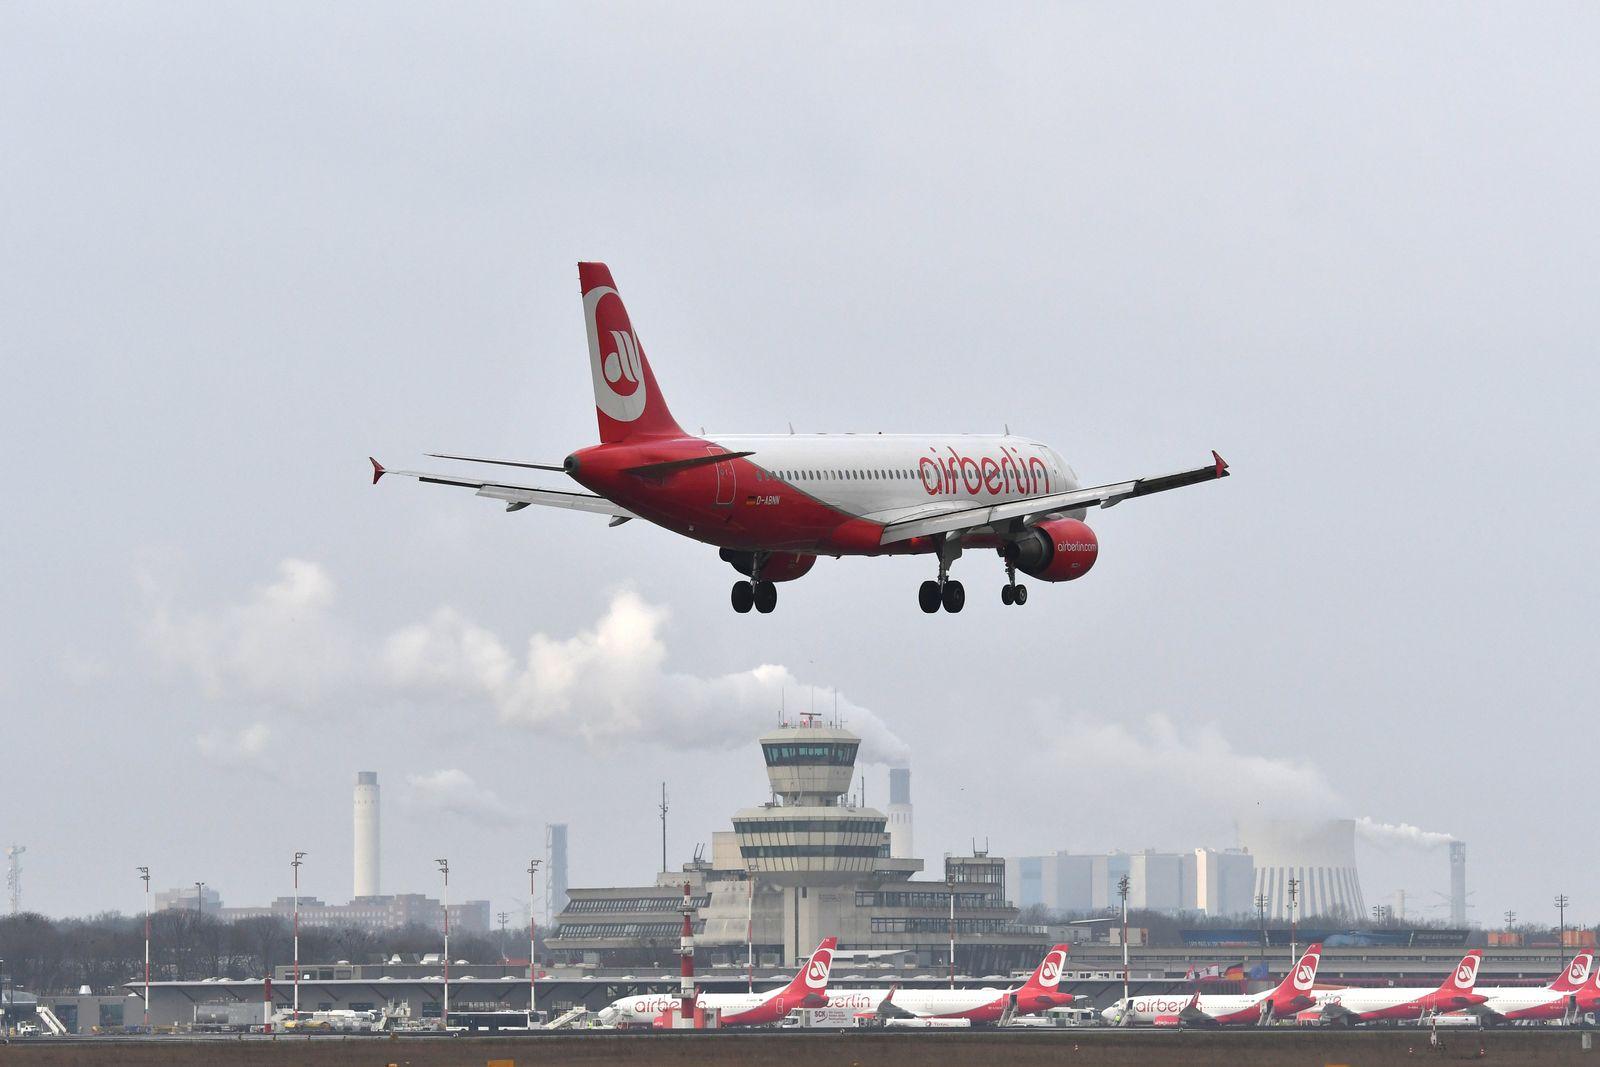 Air Berlin / Tegel